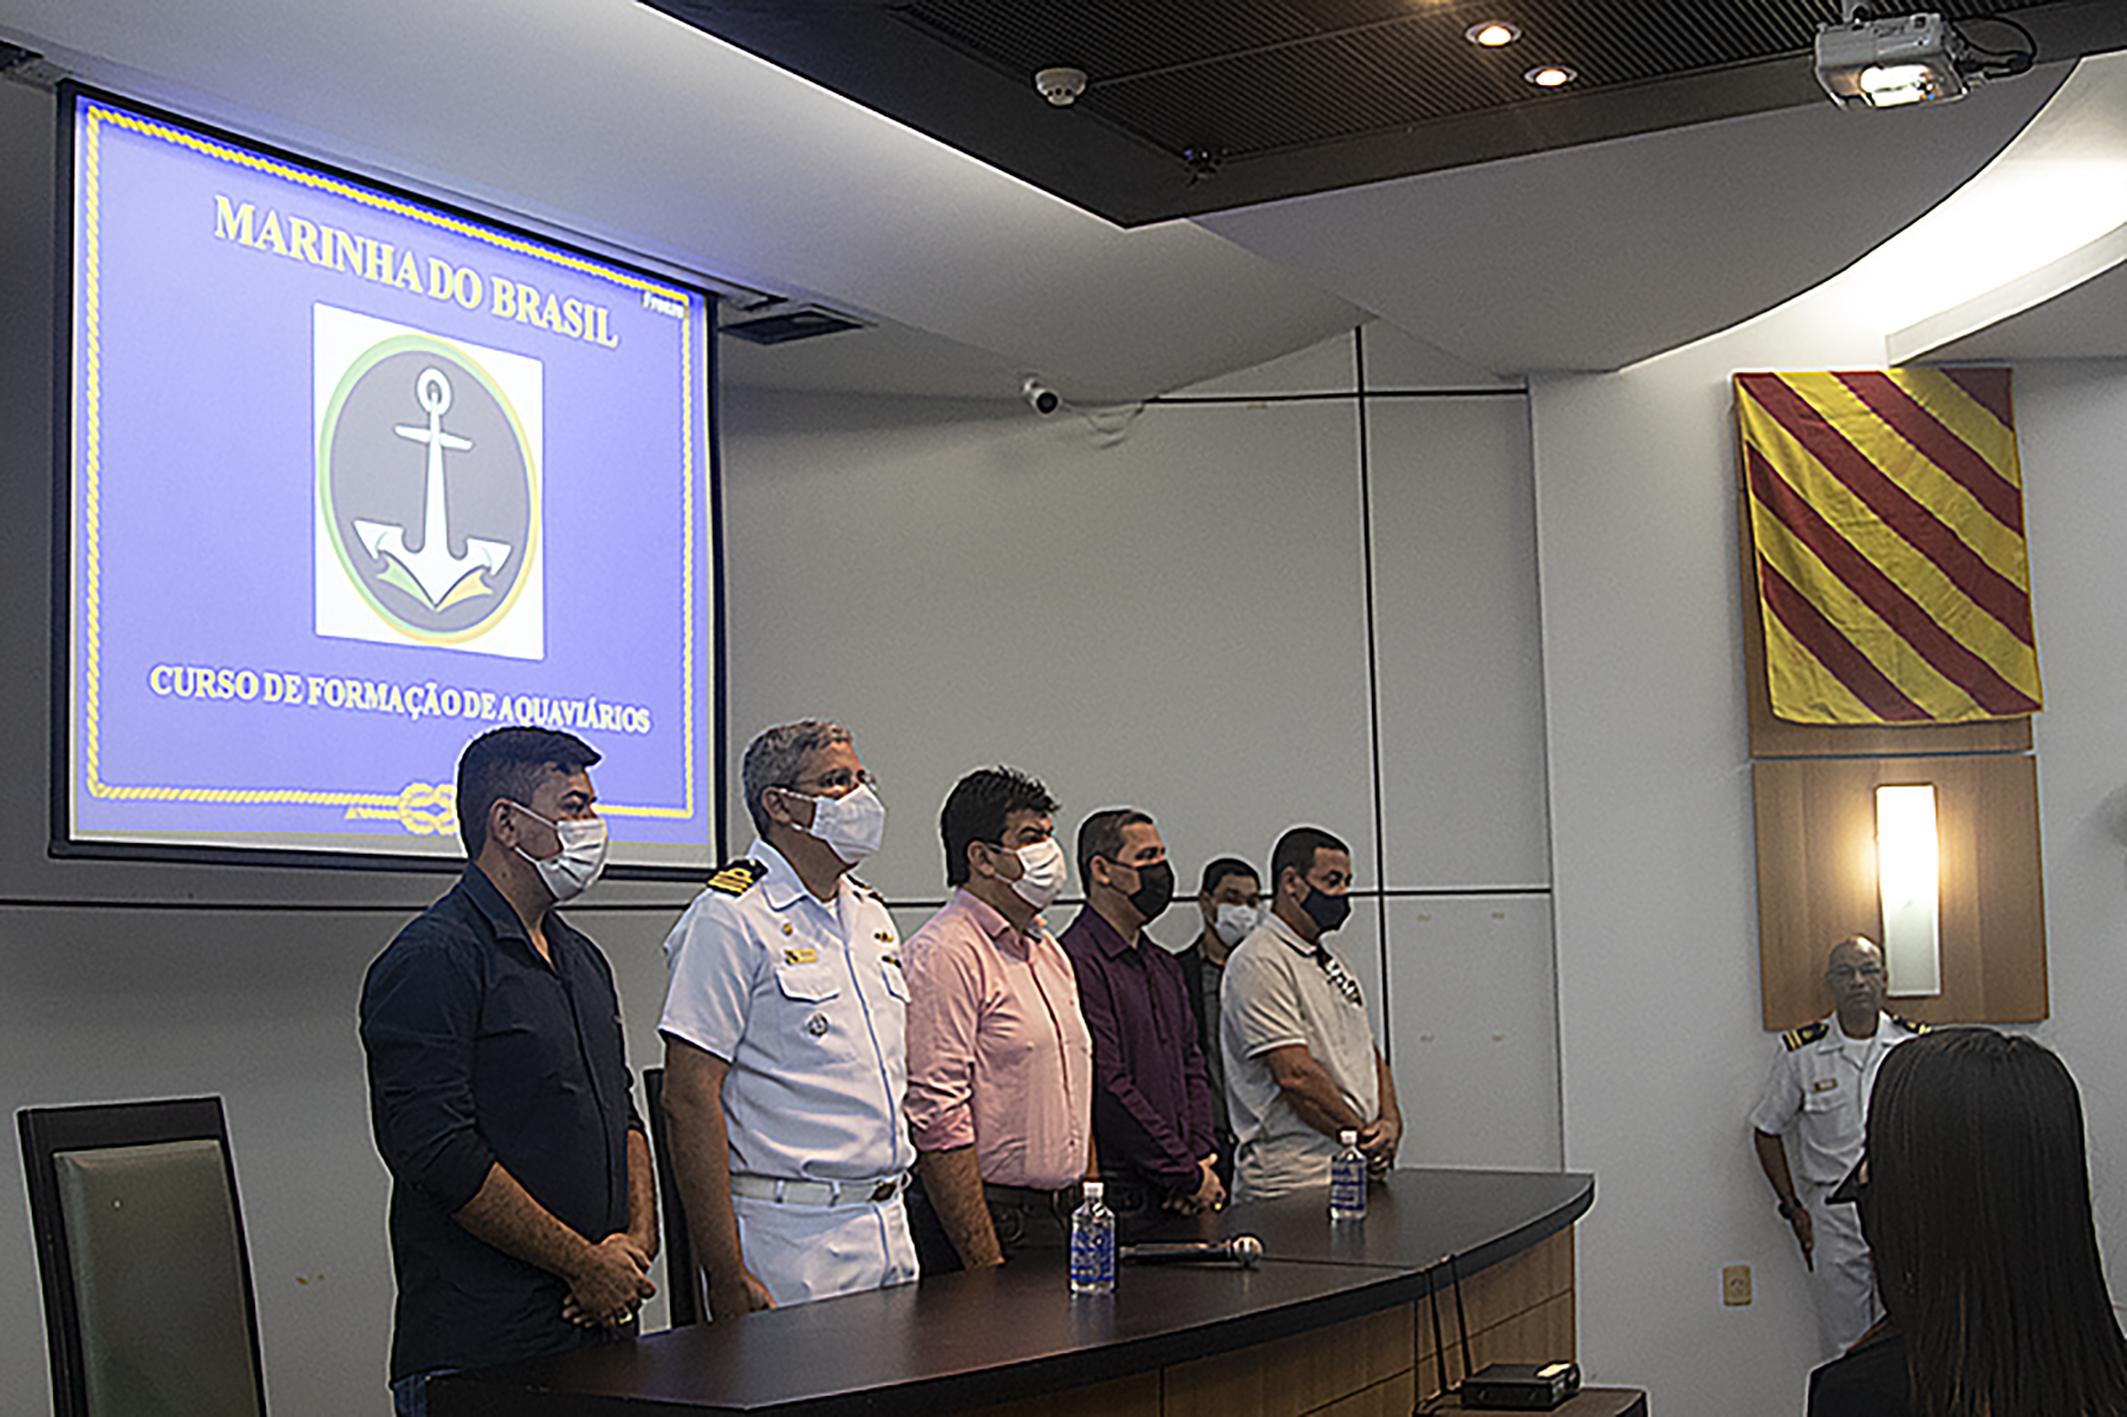 O curso foi oferecido, gratuitamente, pela Marinha do Brasil